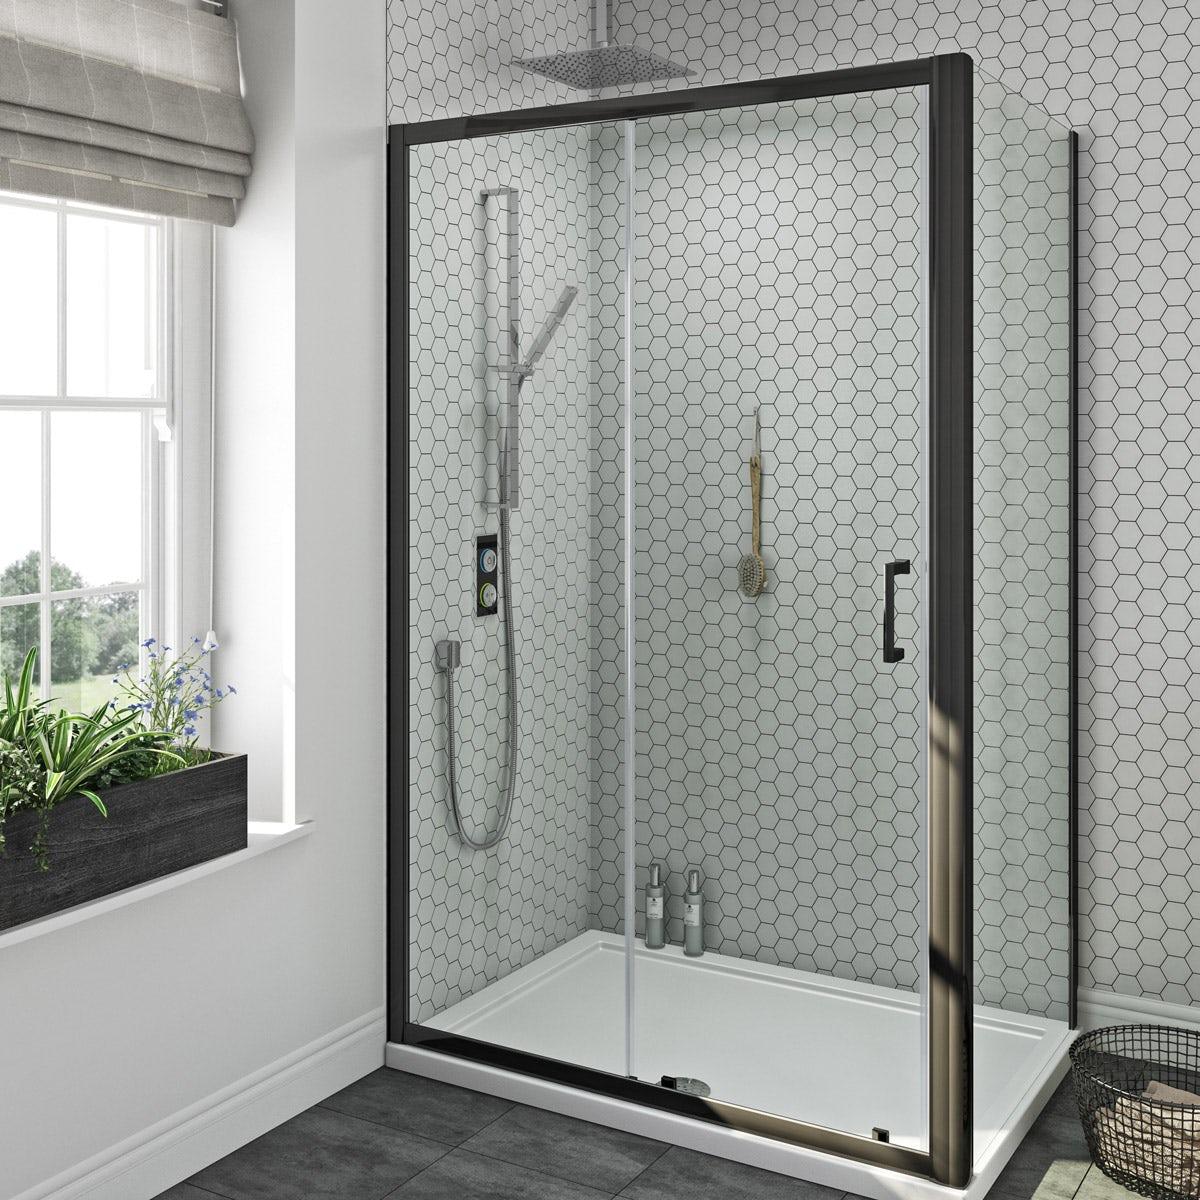 Smartap Black Smart Shower System With Mode Black Shower